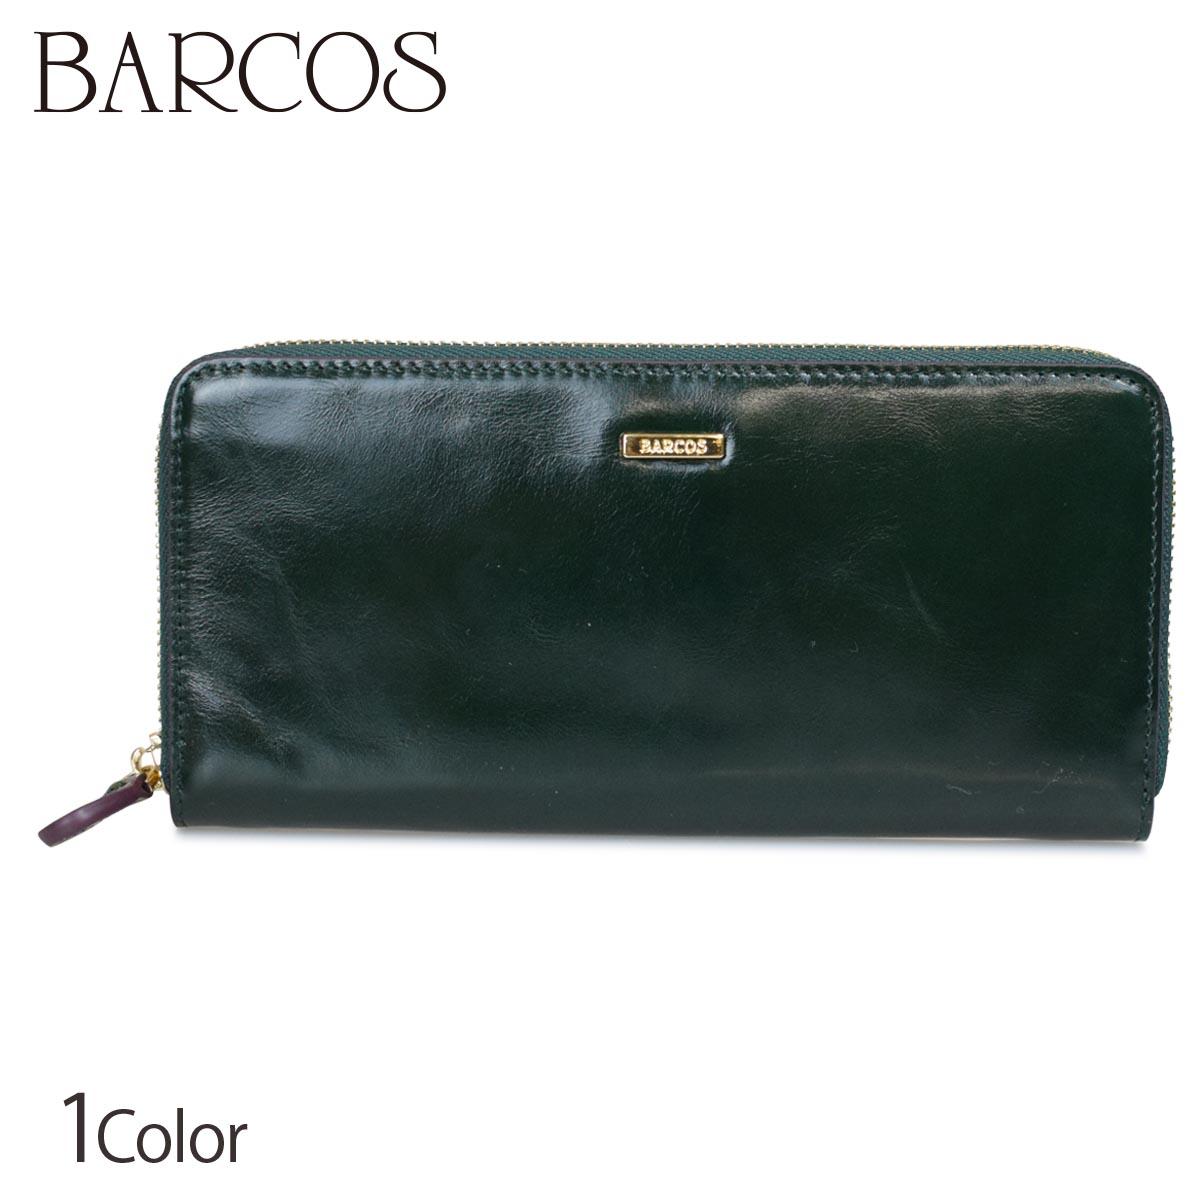 BARCOS 長財布 タウンユース 白鳥 BARCOS ウォレットラウンド型長財布ルーニー レディース 全1色 ONESIZE バルコス